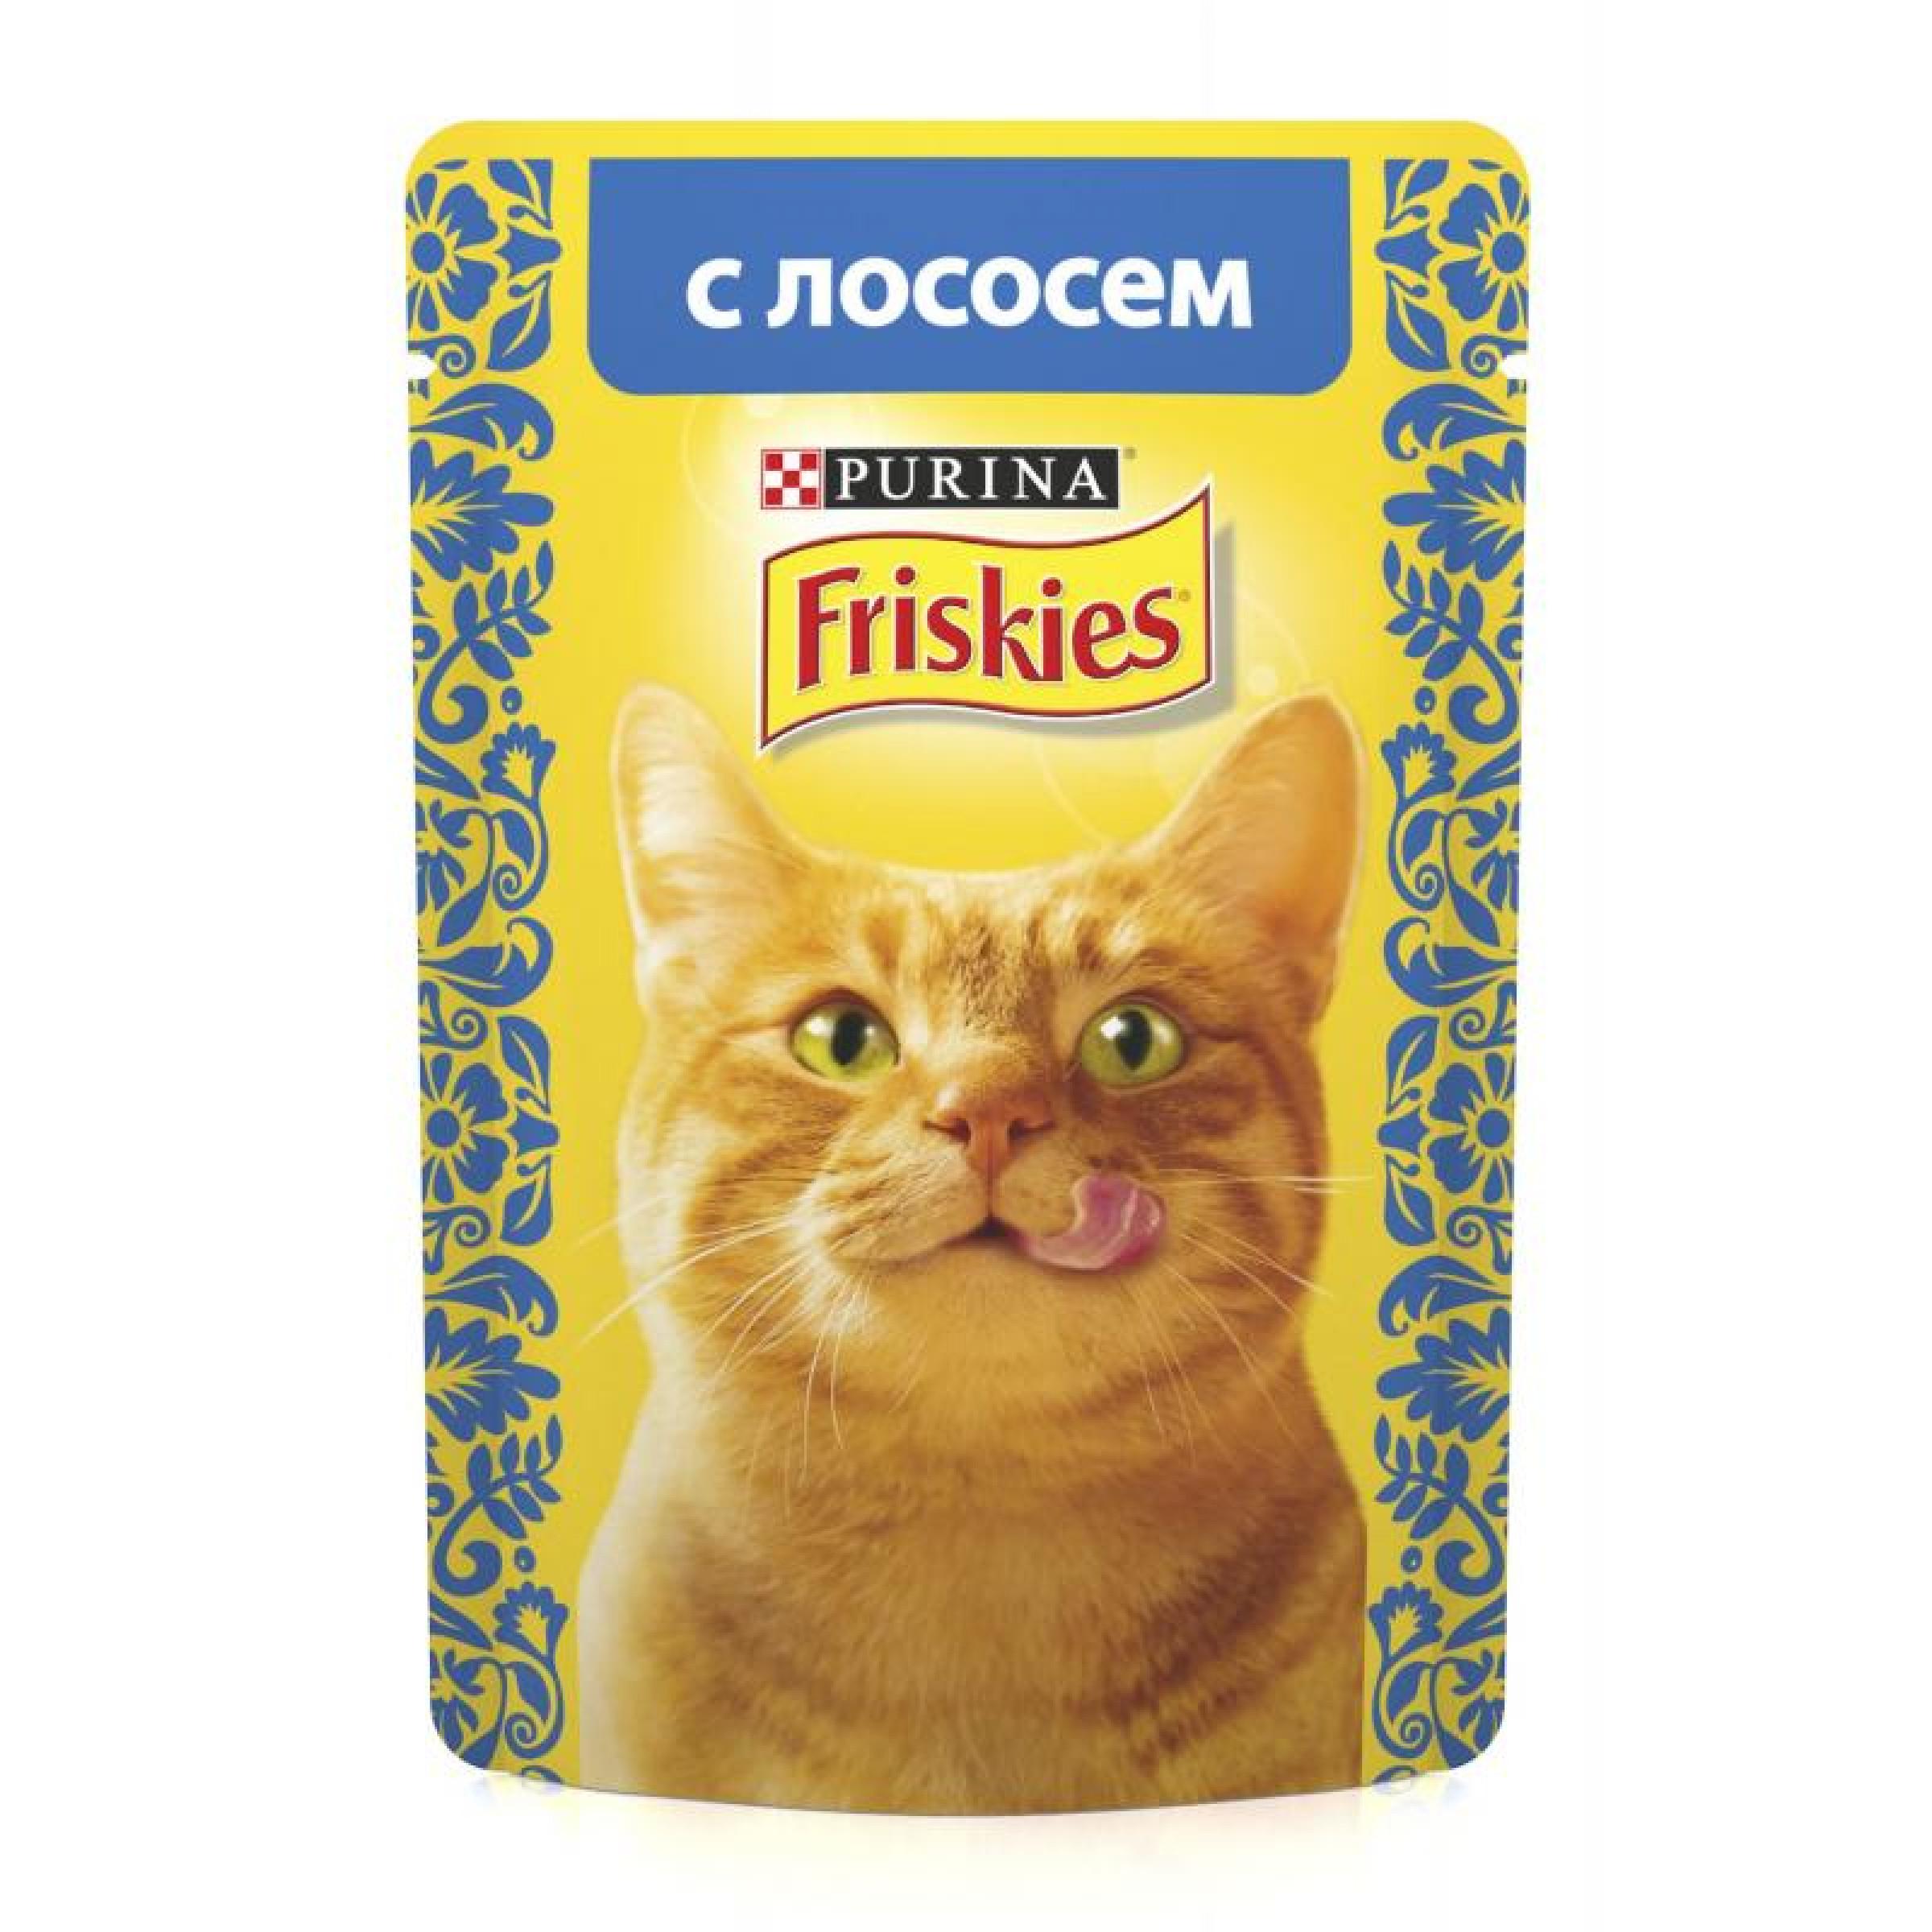 Корм Friskies для кошек, лосось в подливе, 85г